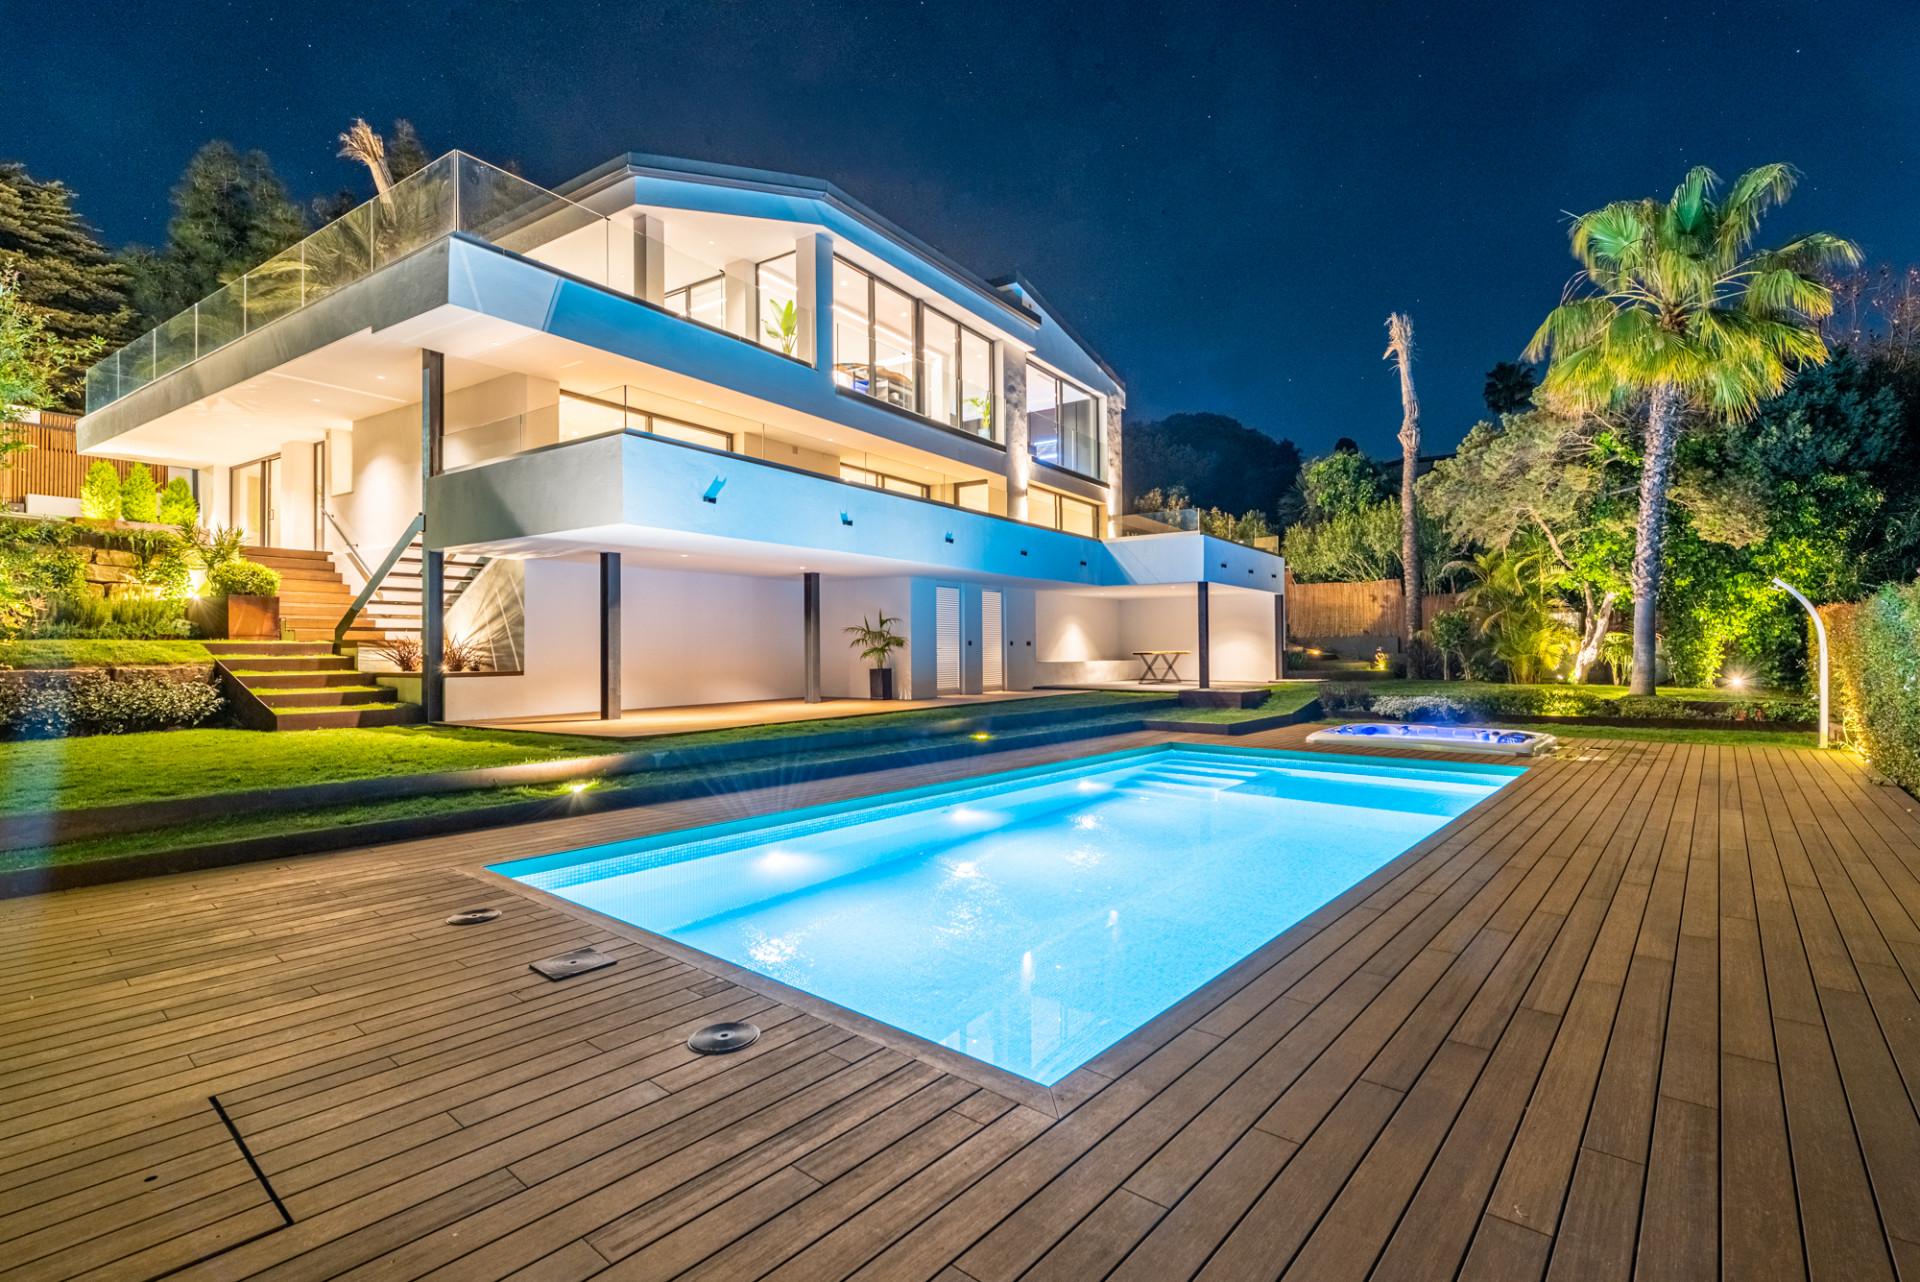 ARFV2196 Neue Villa am Strand mit Panoramablick auf das Meer in Marbesa in Marbella zu verkaufen